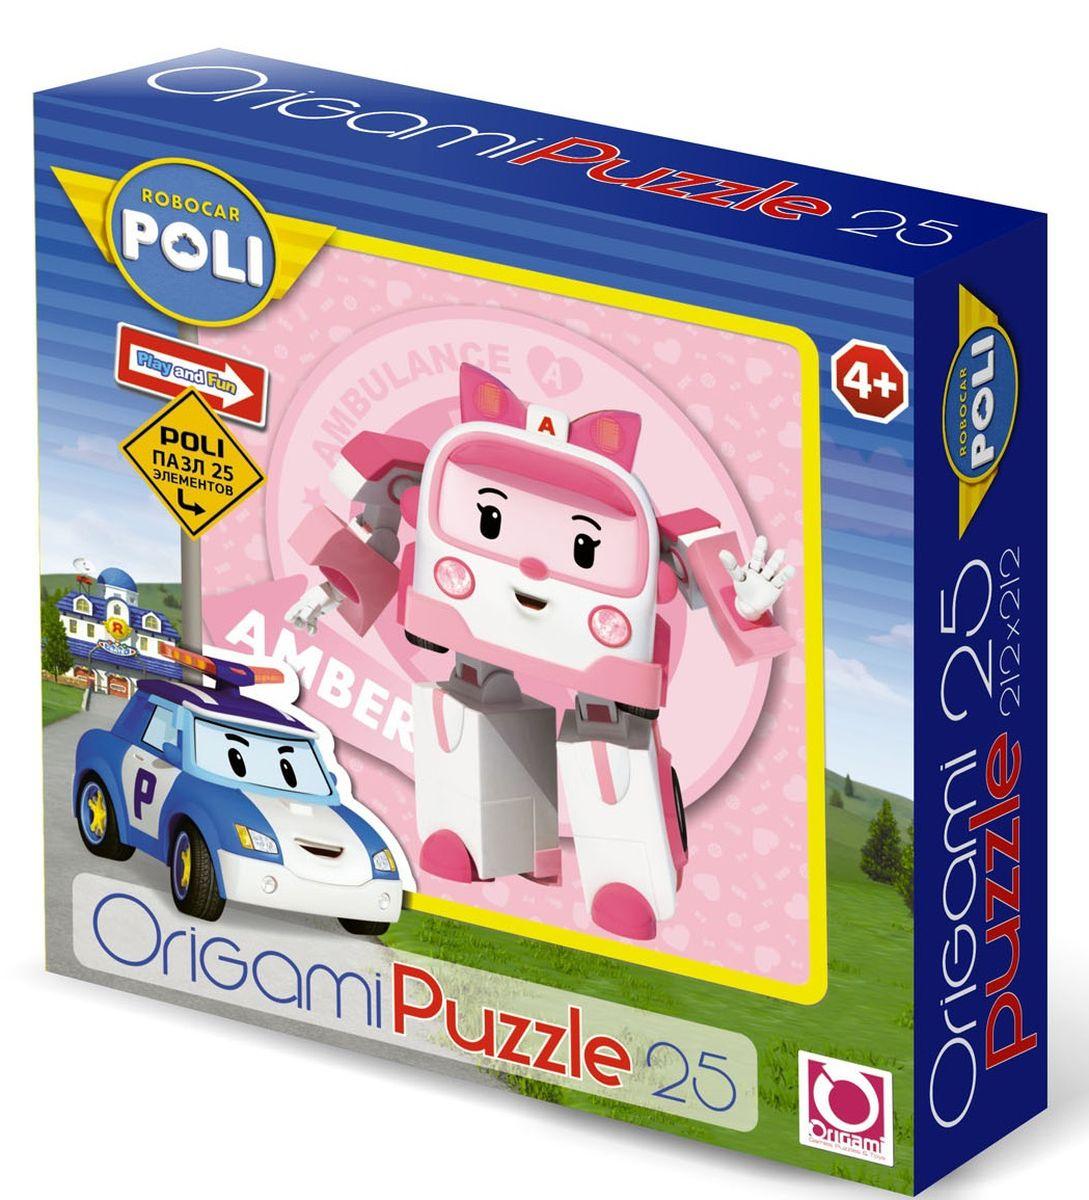 Оригами Пазл для малышей Robocar Poli 00161 флексика пазл для малышей геометрия цвет основы красный